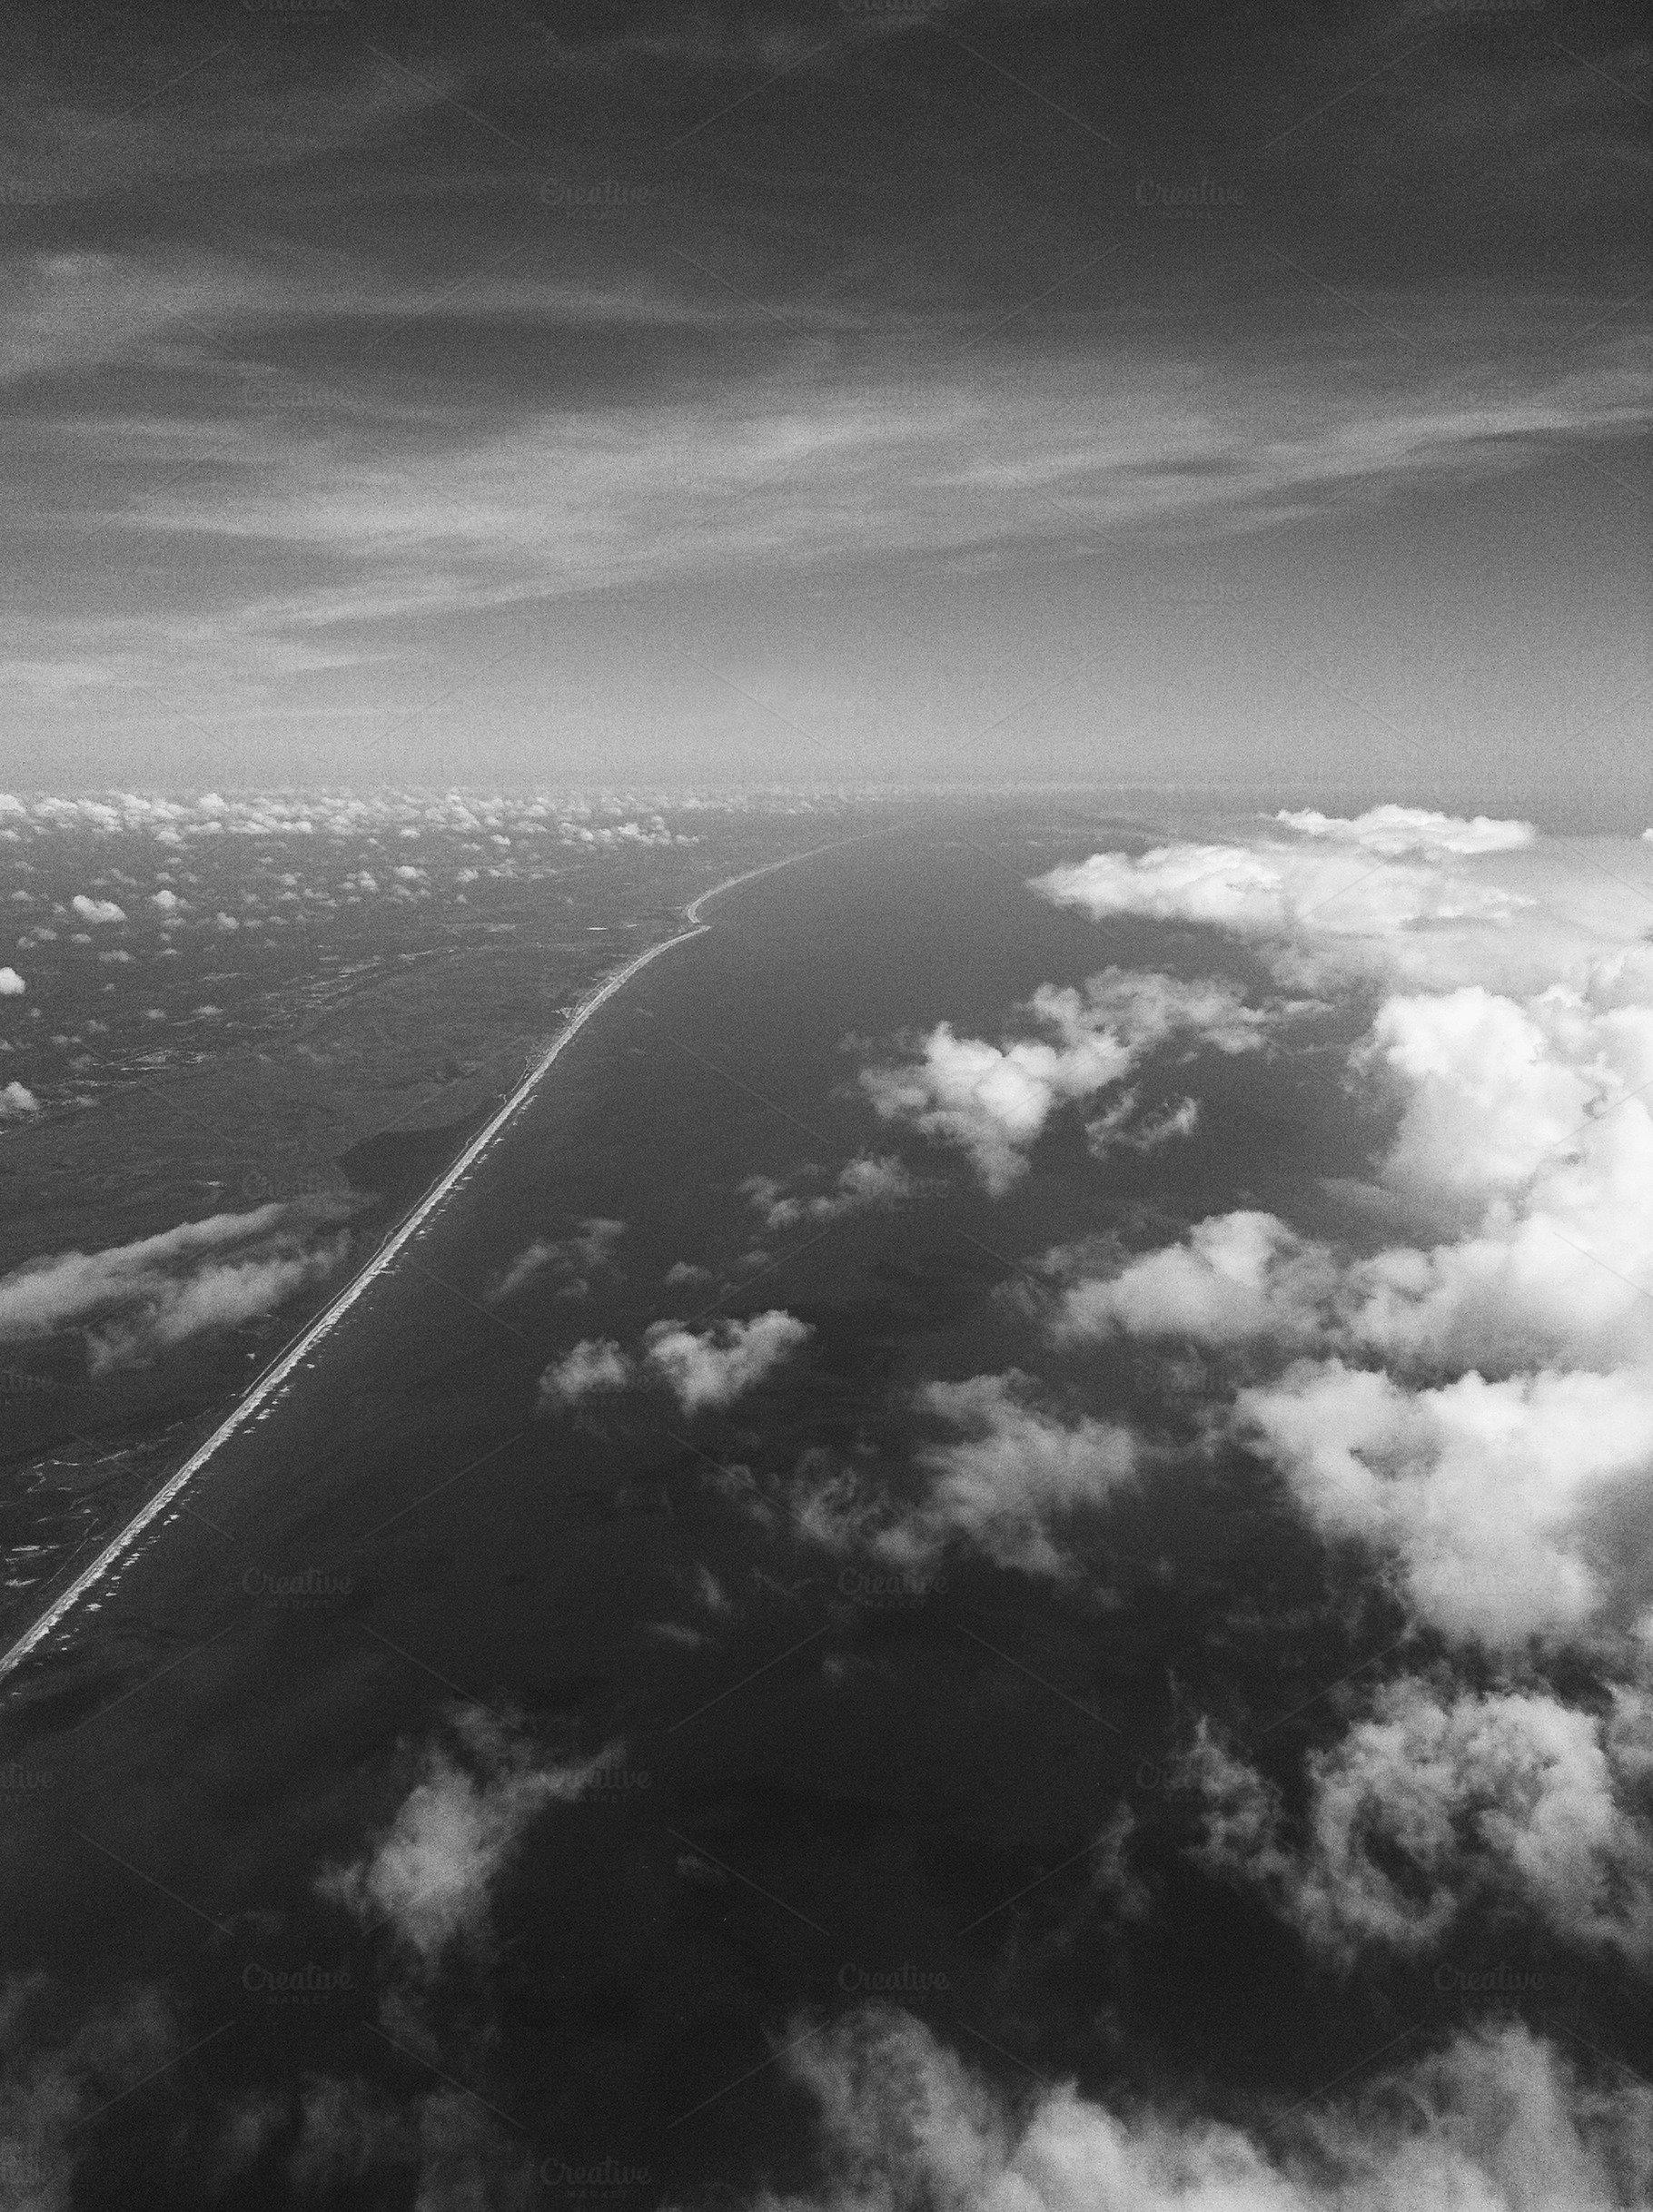 Moody skies oceanic coastline